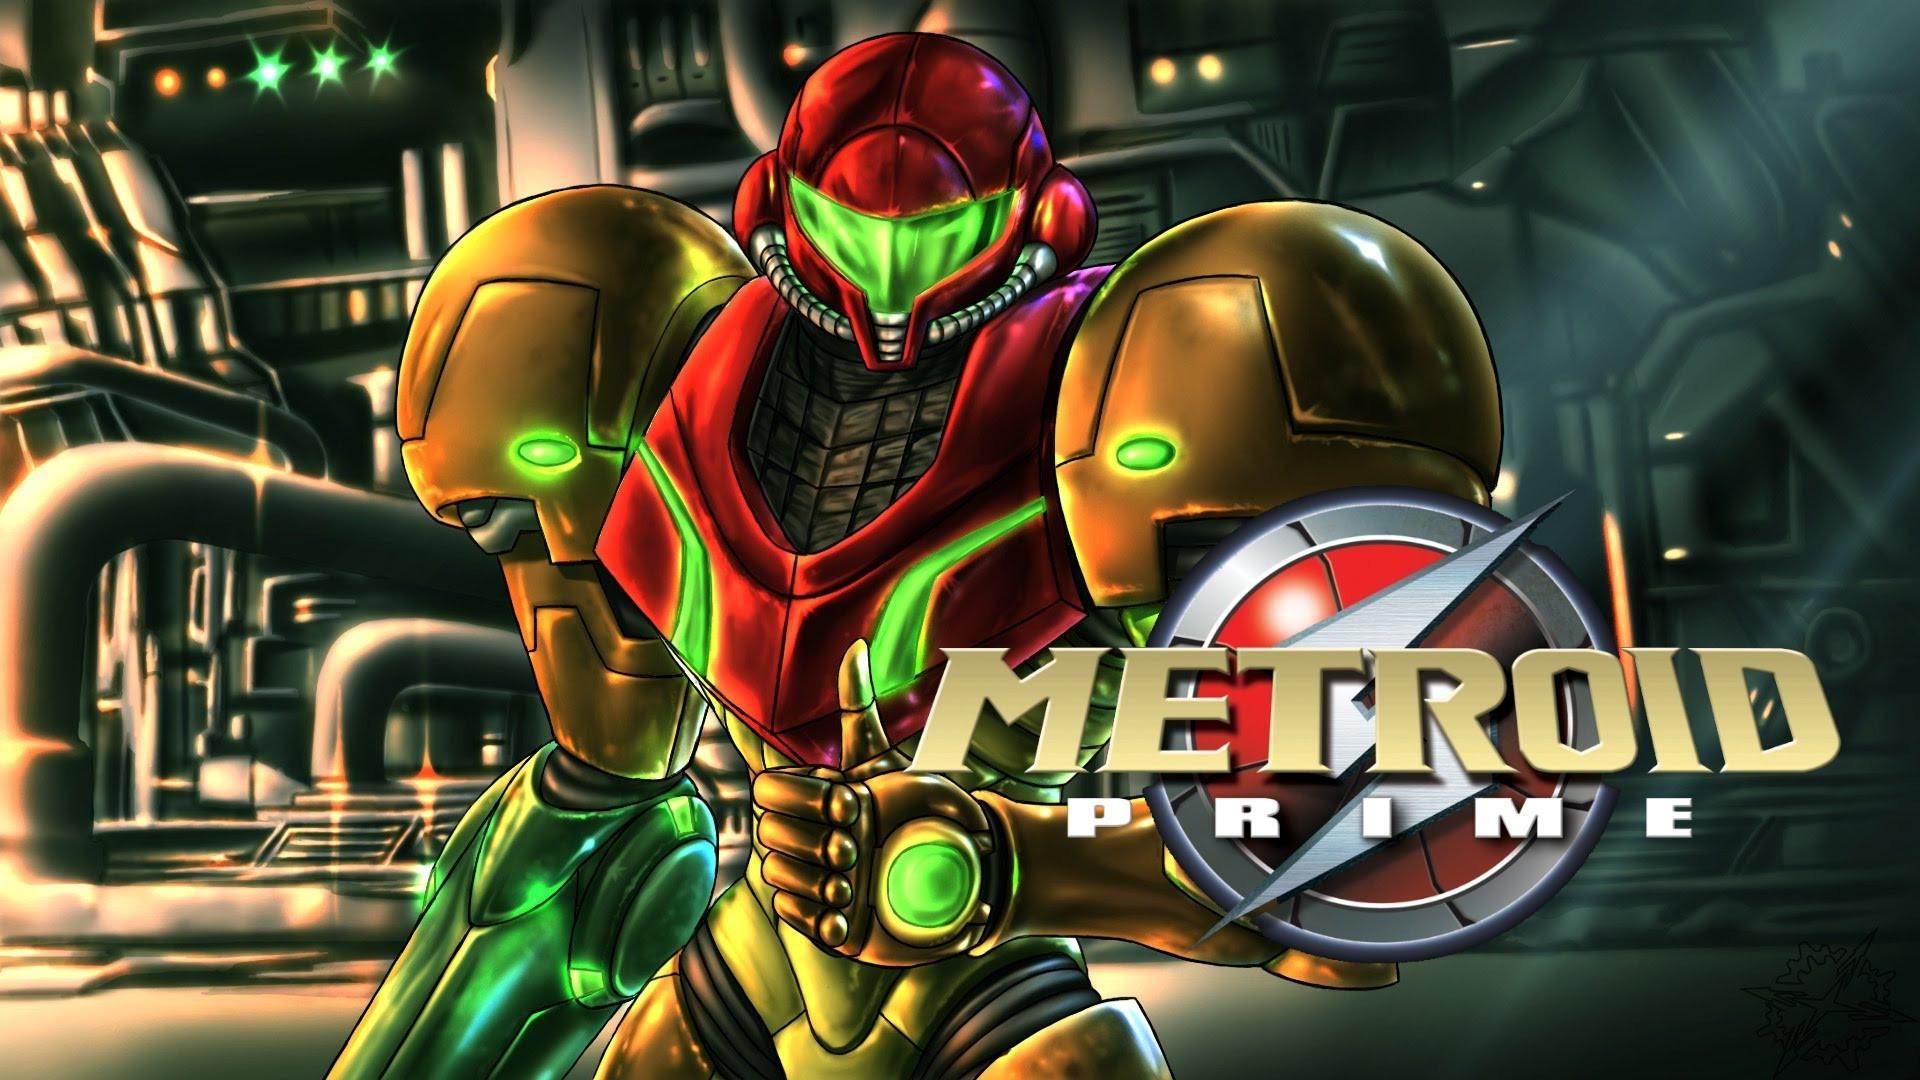 Metroid Prime PC Version Free Download